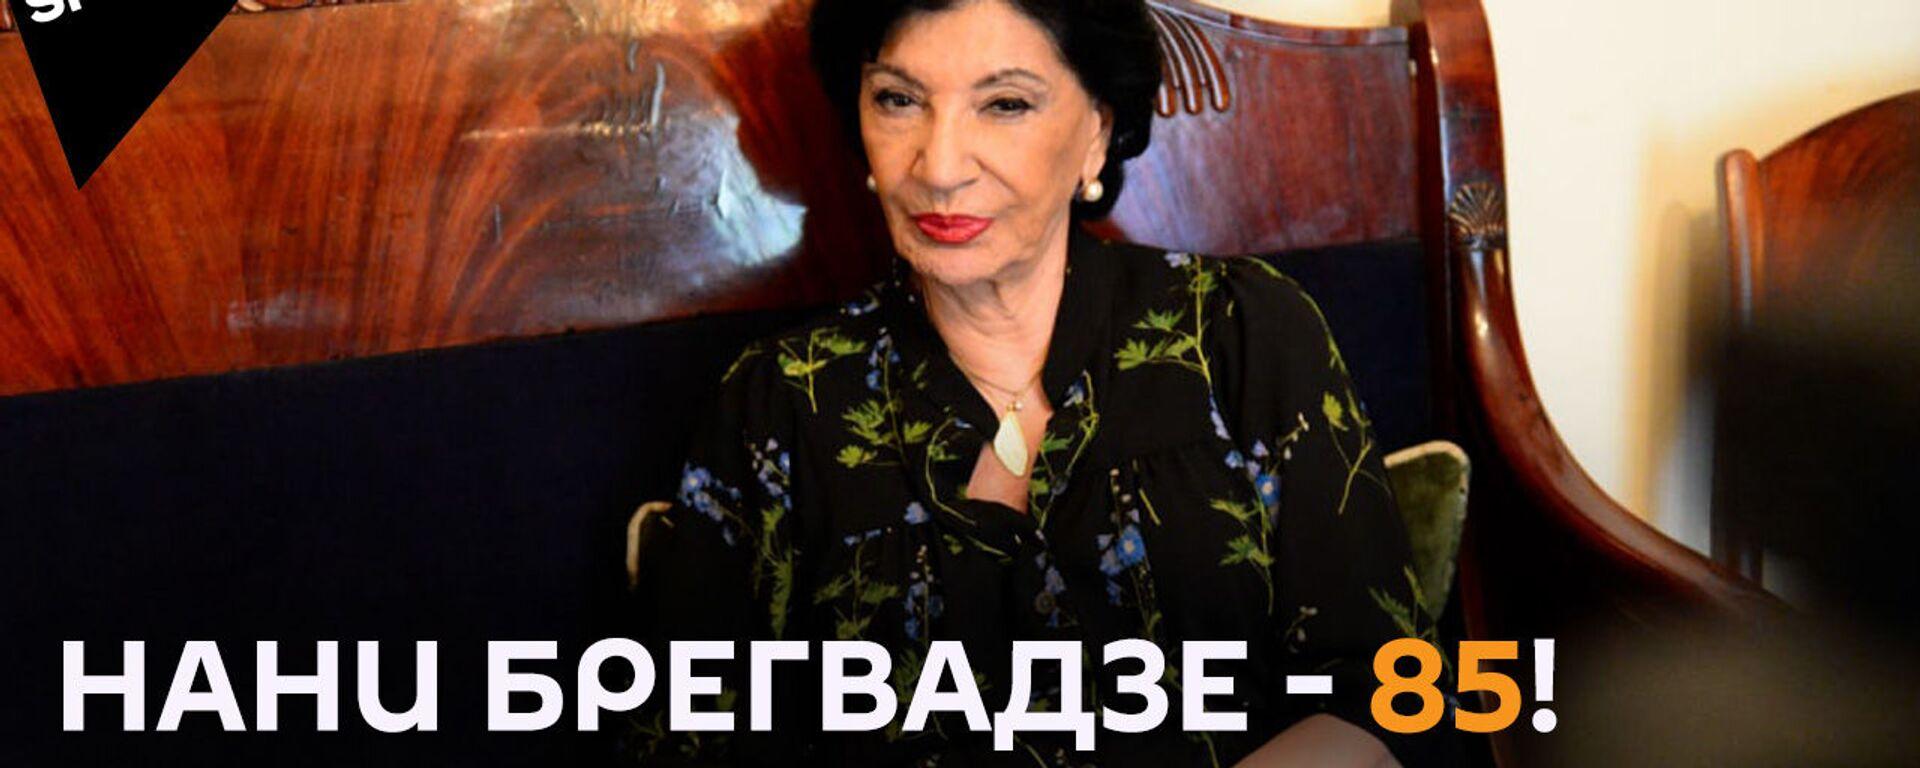 Я вам нравлюсь? Большое спасибо! - откровенное интервью Нани Брегвадзе - Sputnik Грузия, 1920, 21.07.2021